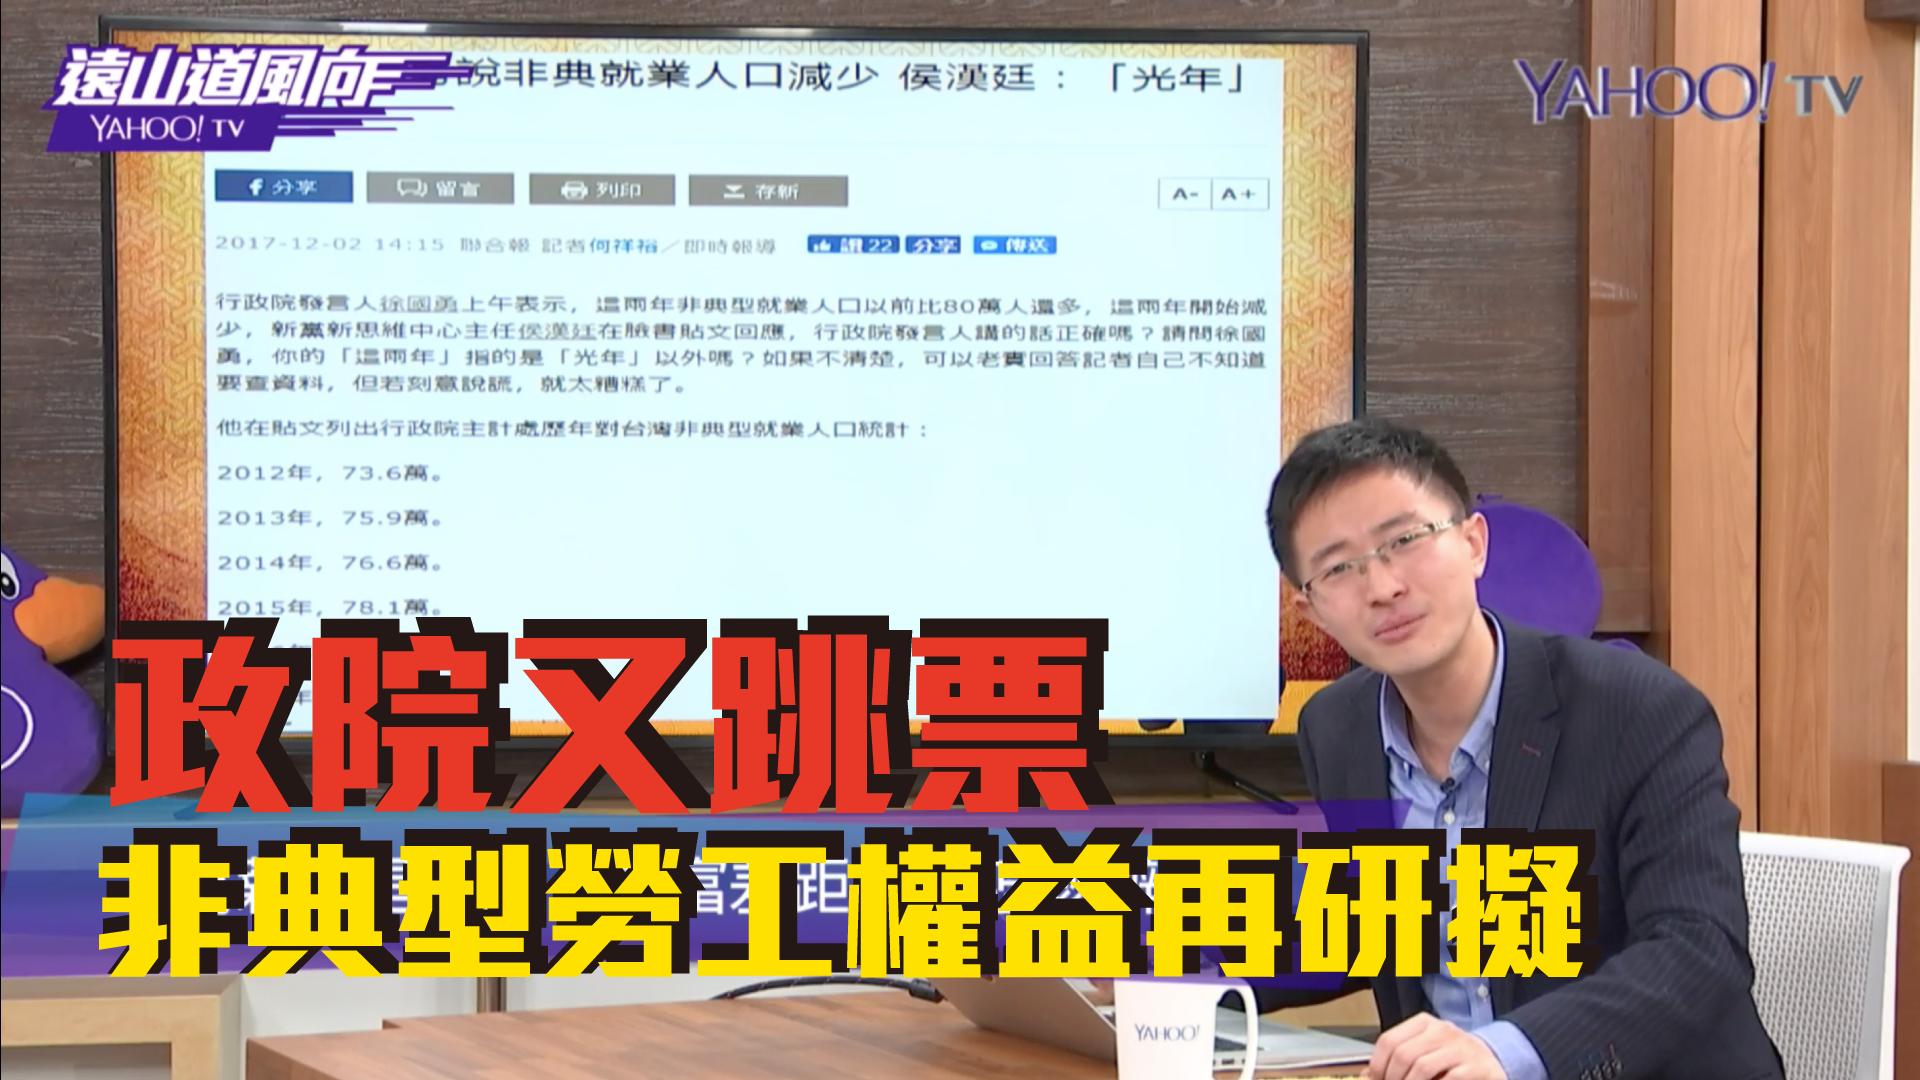 政院又跳票 非典型勞工權益再研擬 (遠山道風向 20171227)